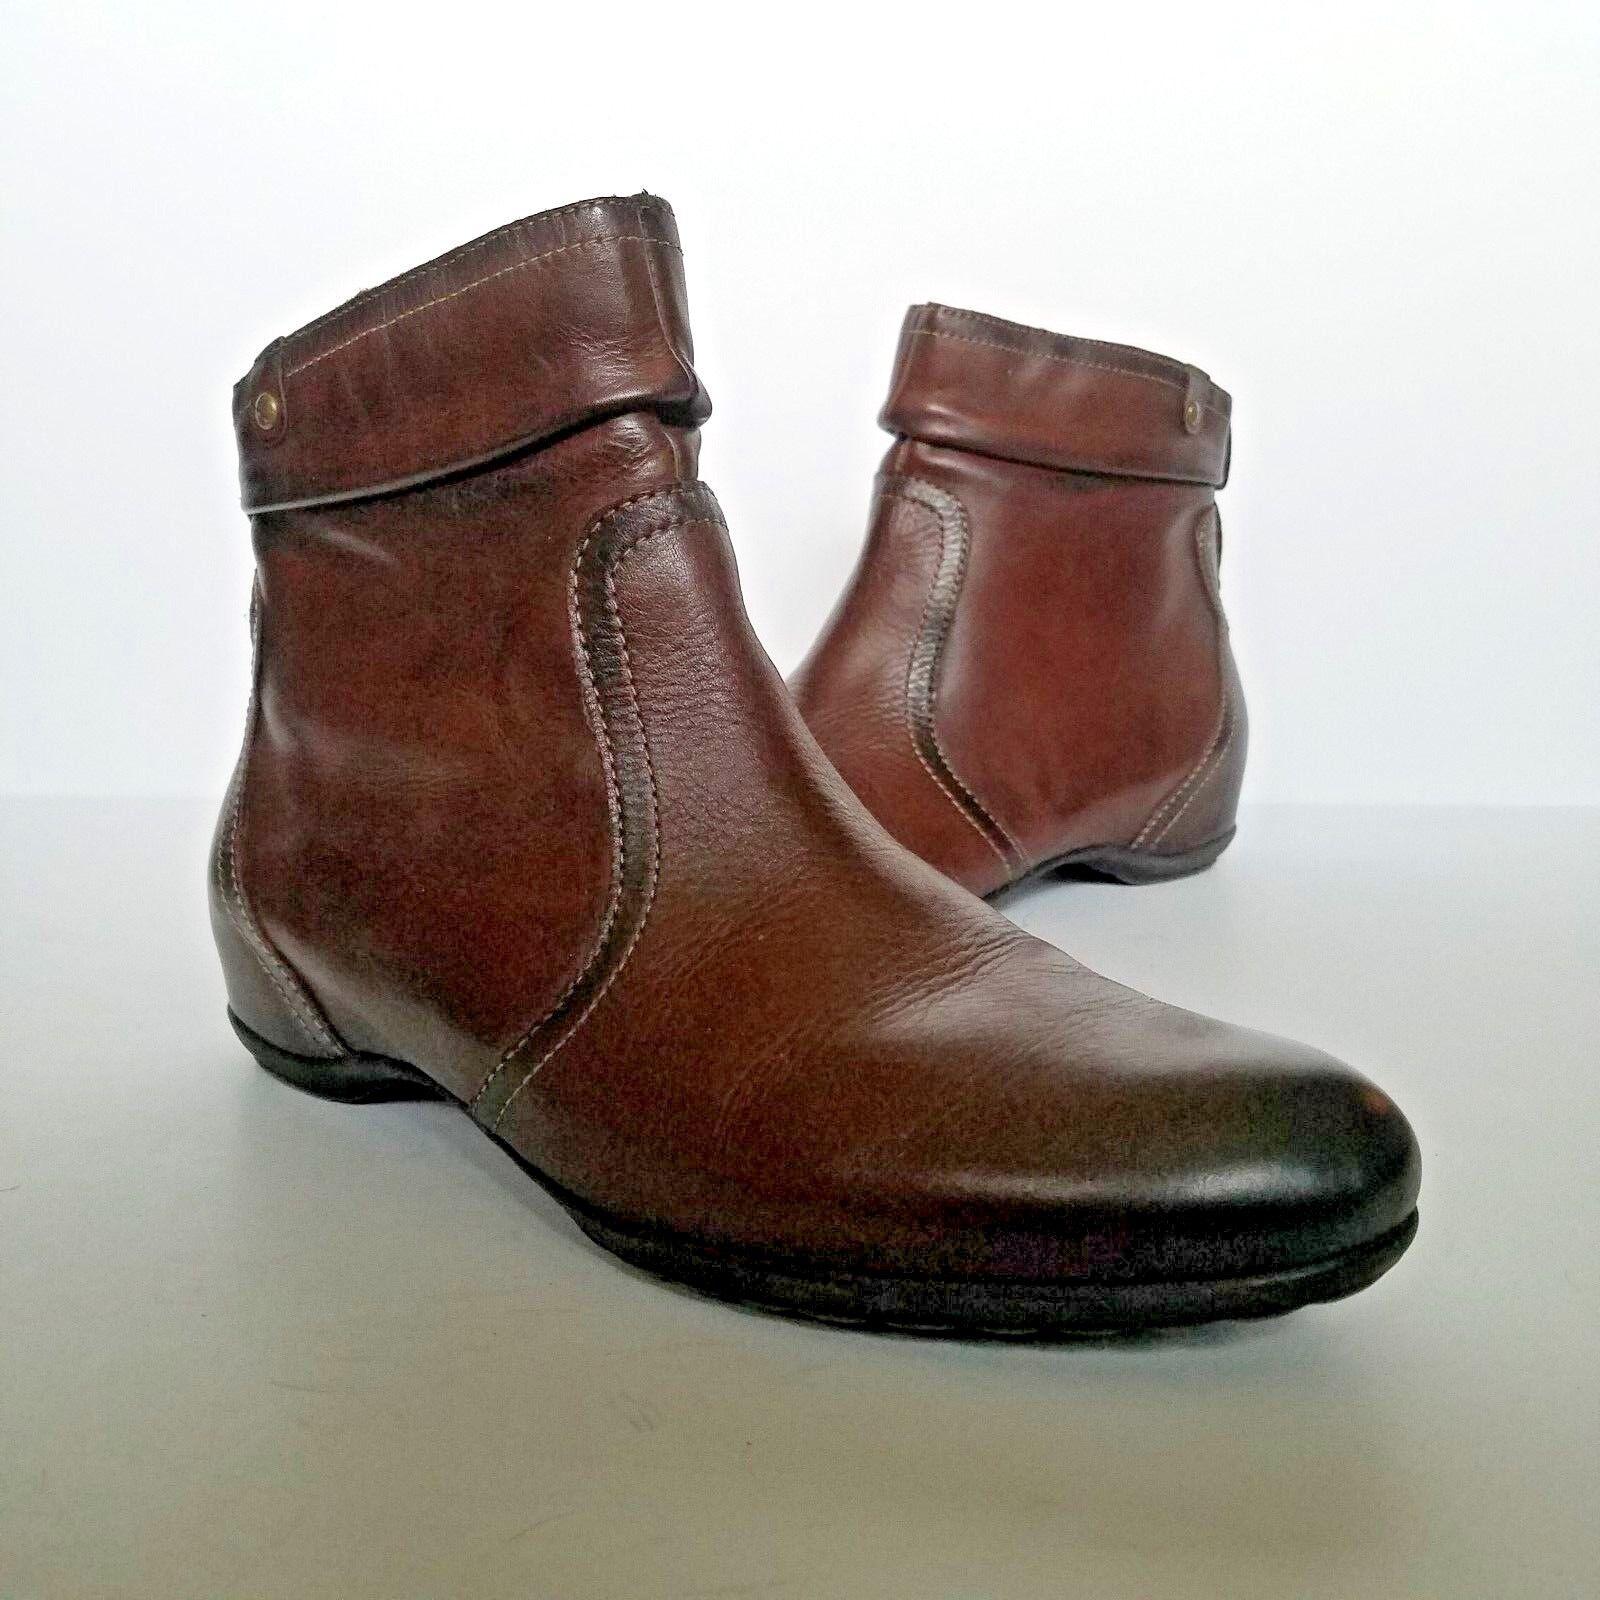 Pikolinos Venezia 968 -7969 donna avvioies Dimensione 10 US 41  EU Marronee Leather Studs  Garanzia di vestibilità al 100%